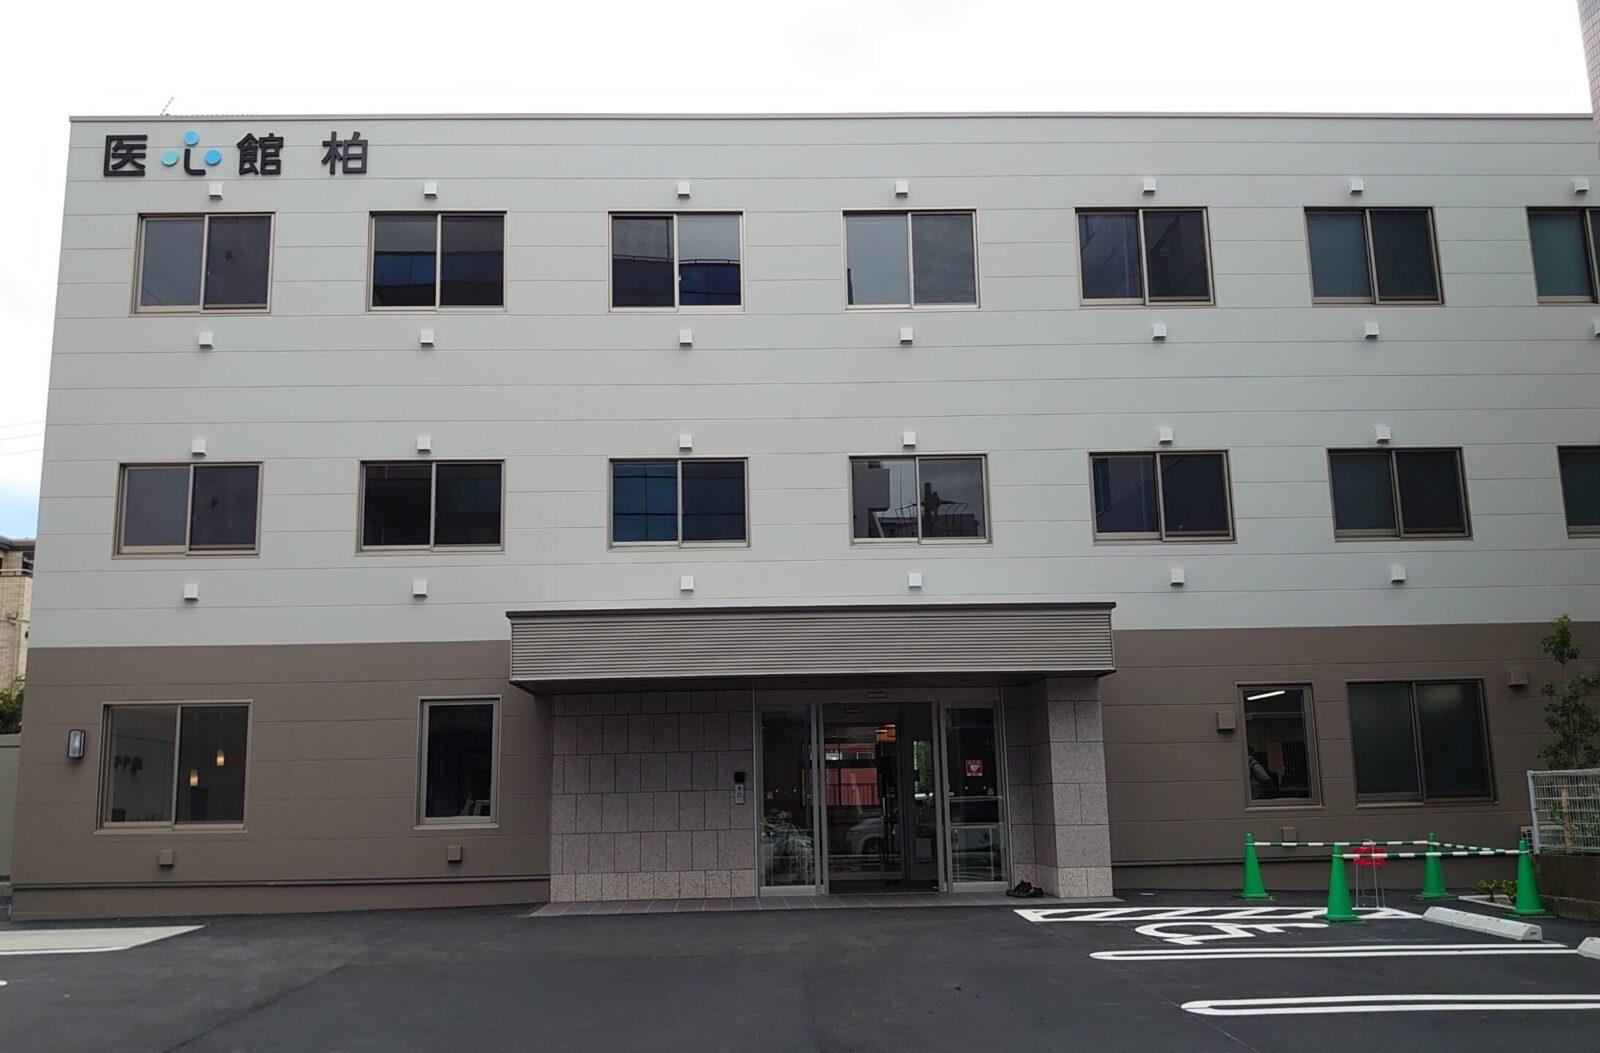 千葉県では3施設目となる有料老人ホーム「医心館 柏」をオープンしました